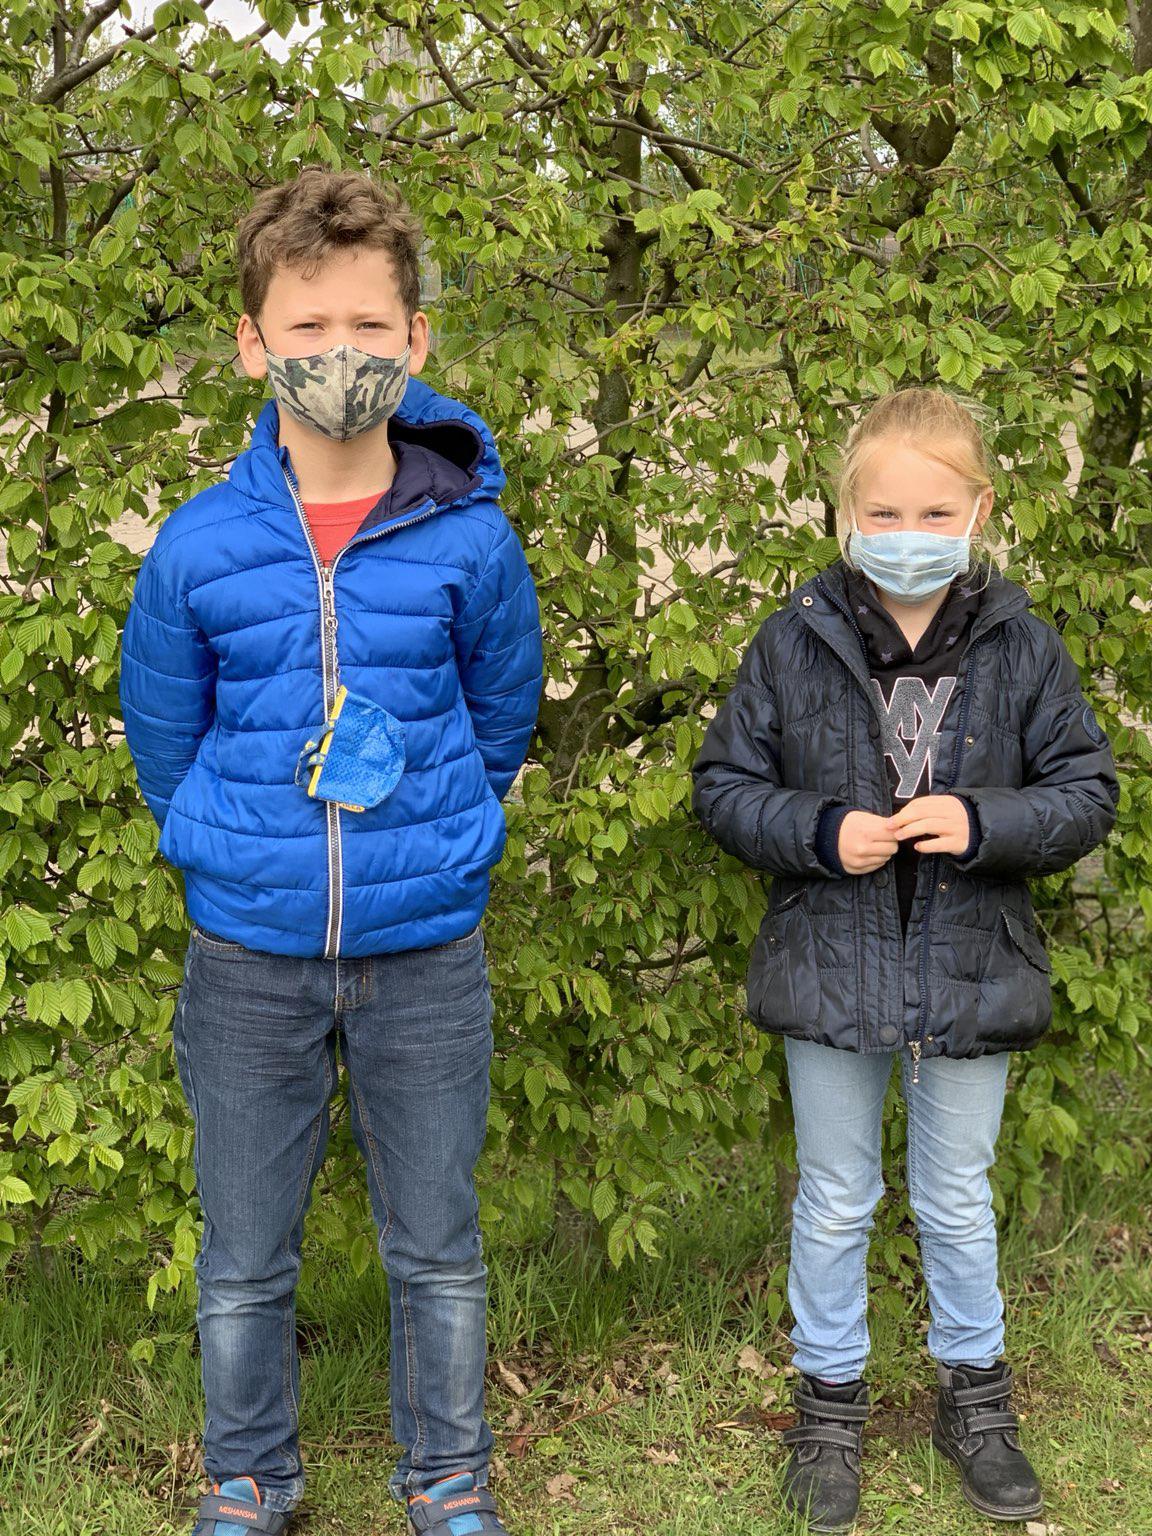 Schülersprecher Moritz Linthe und Schülersprecherin Kristina Hüser